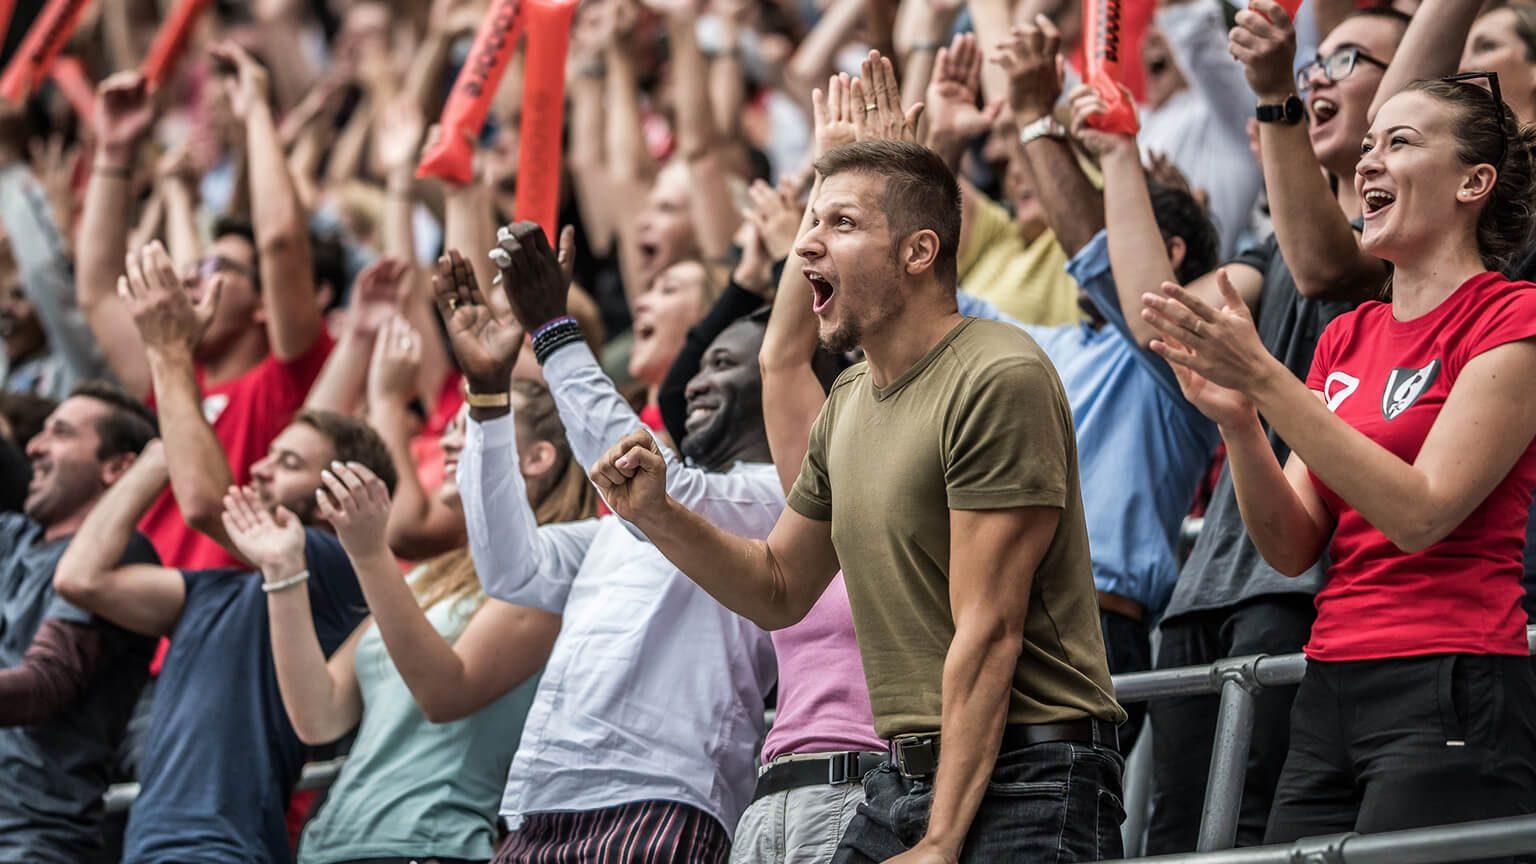 Sport fans at a stadium